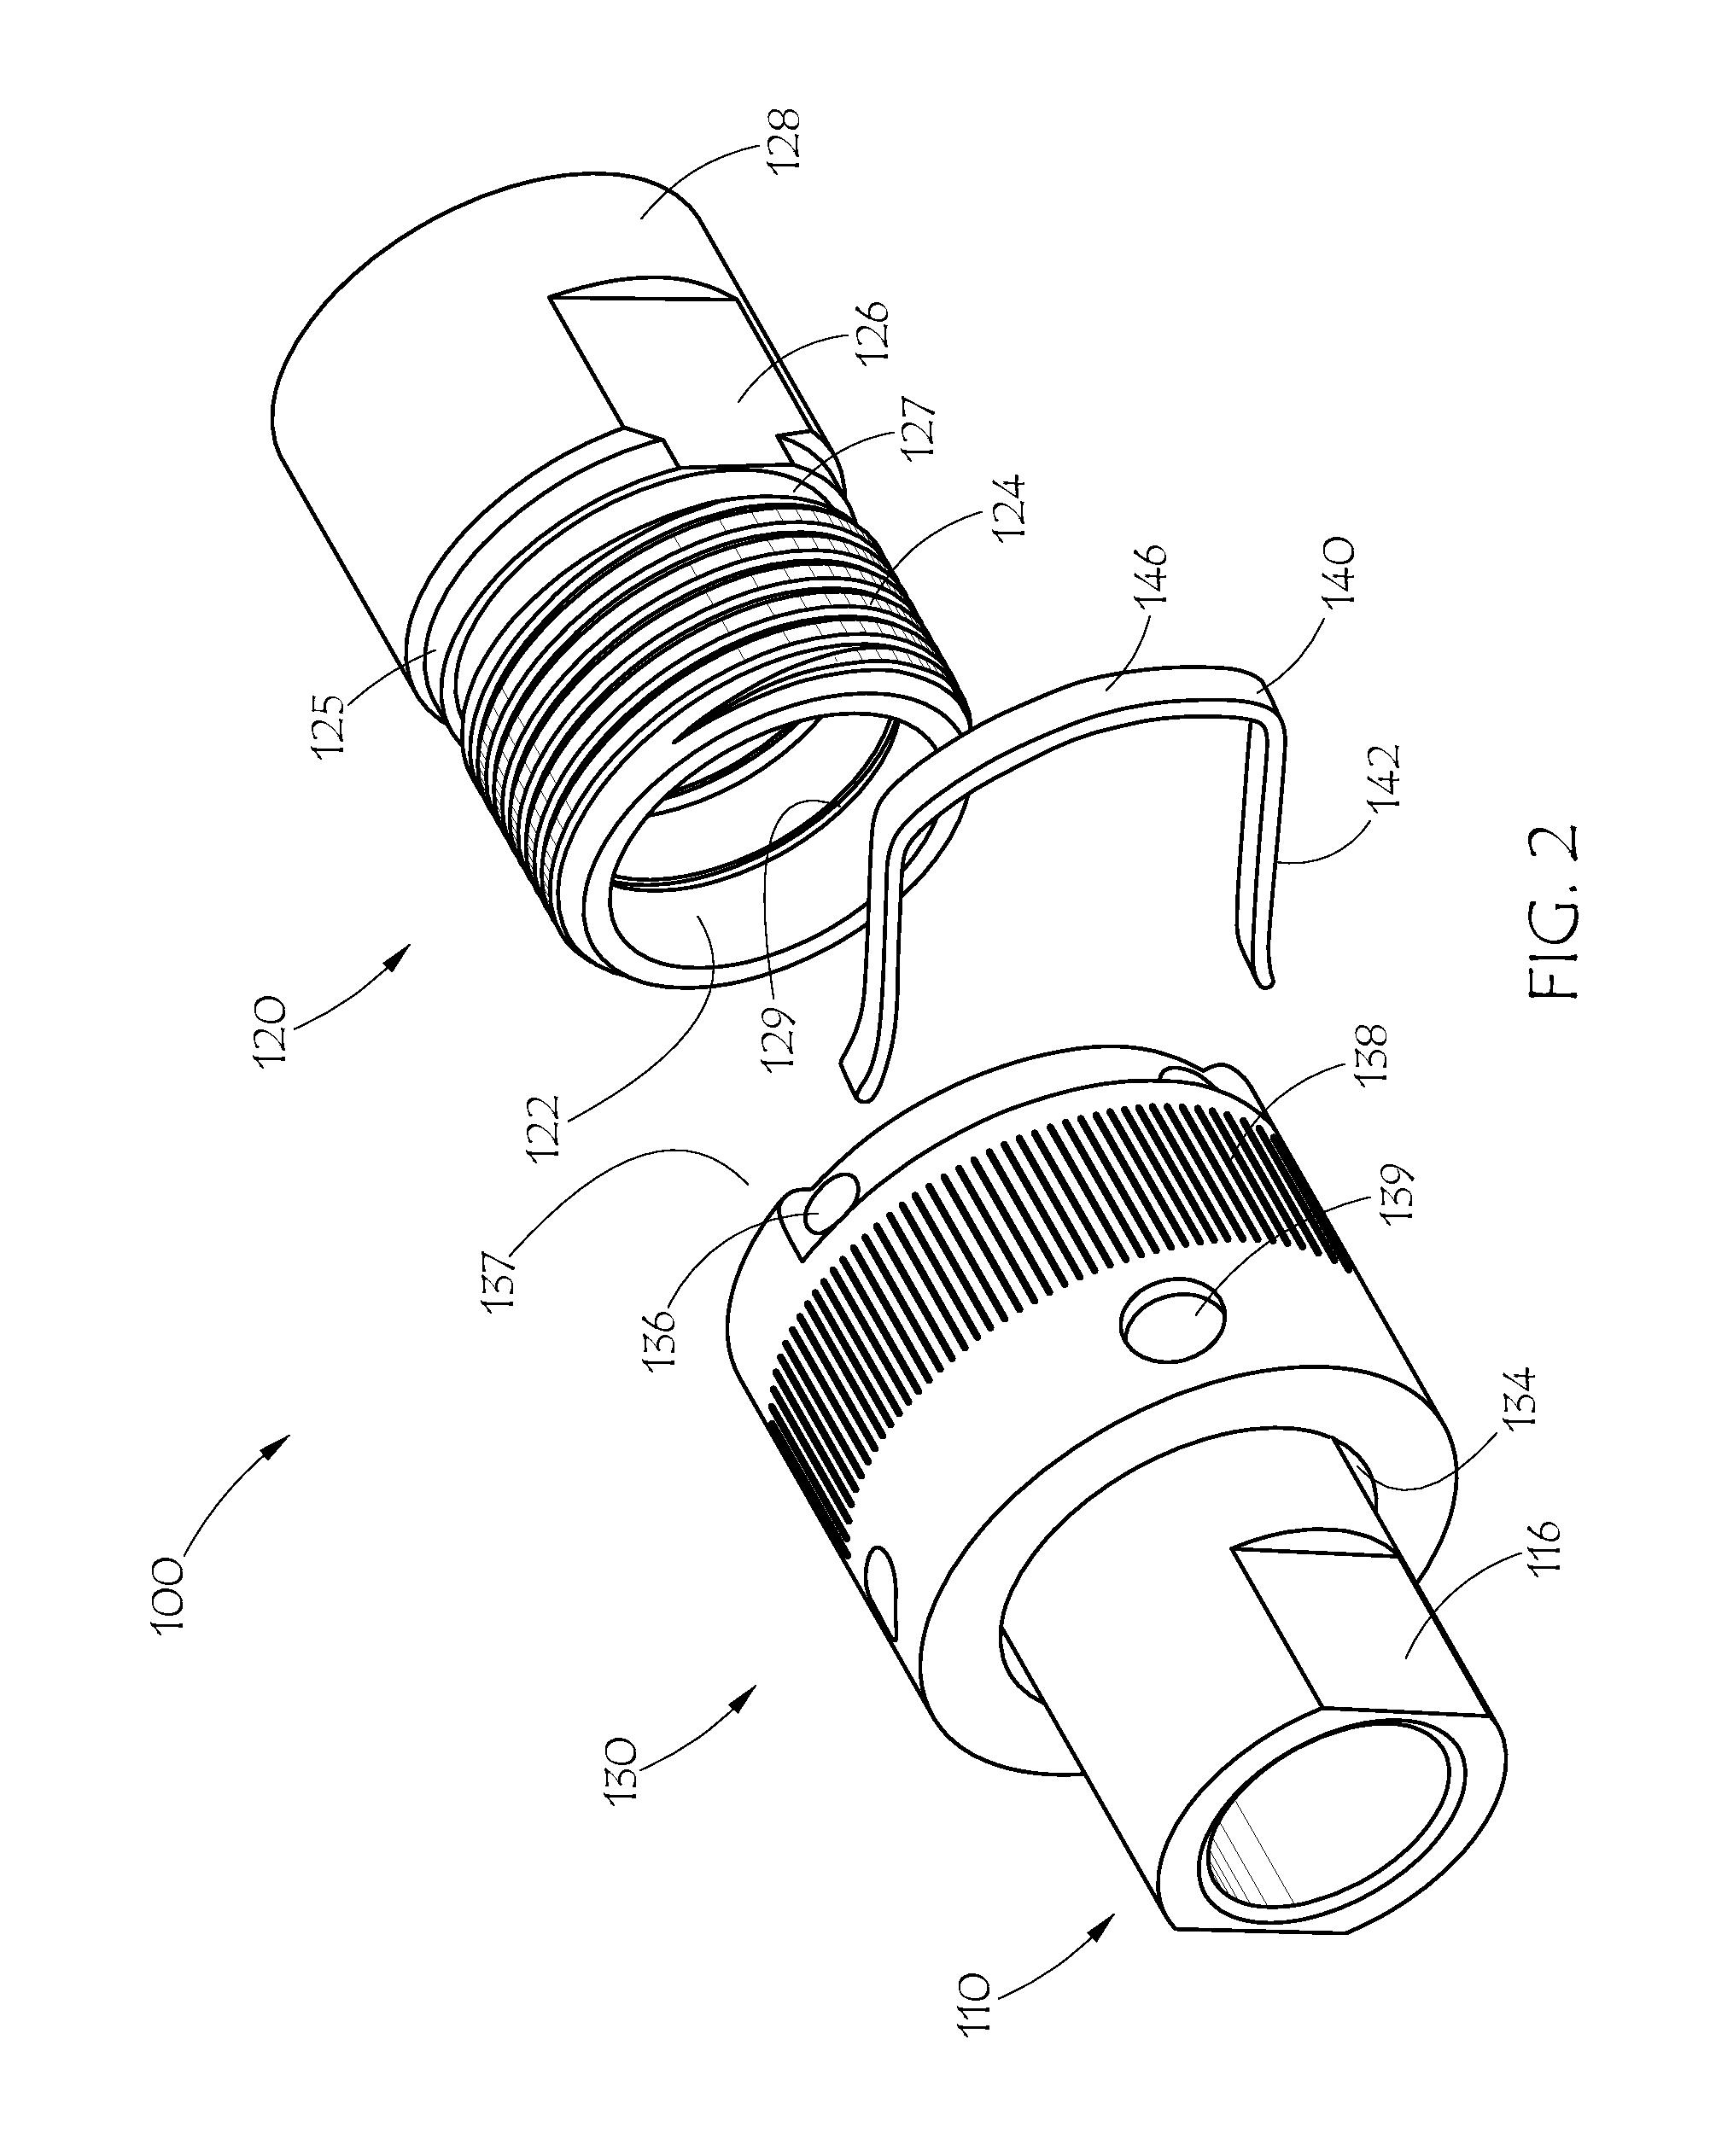 Yamaha guitar wiring diagram images wiring diagram